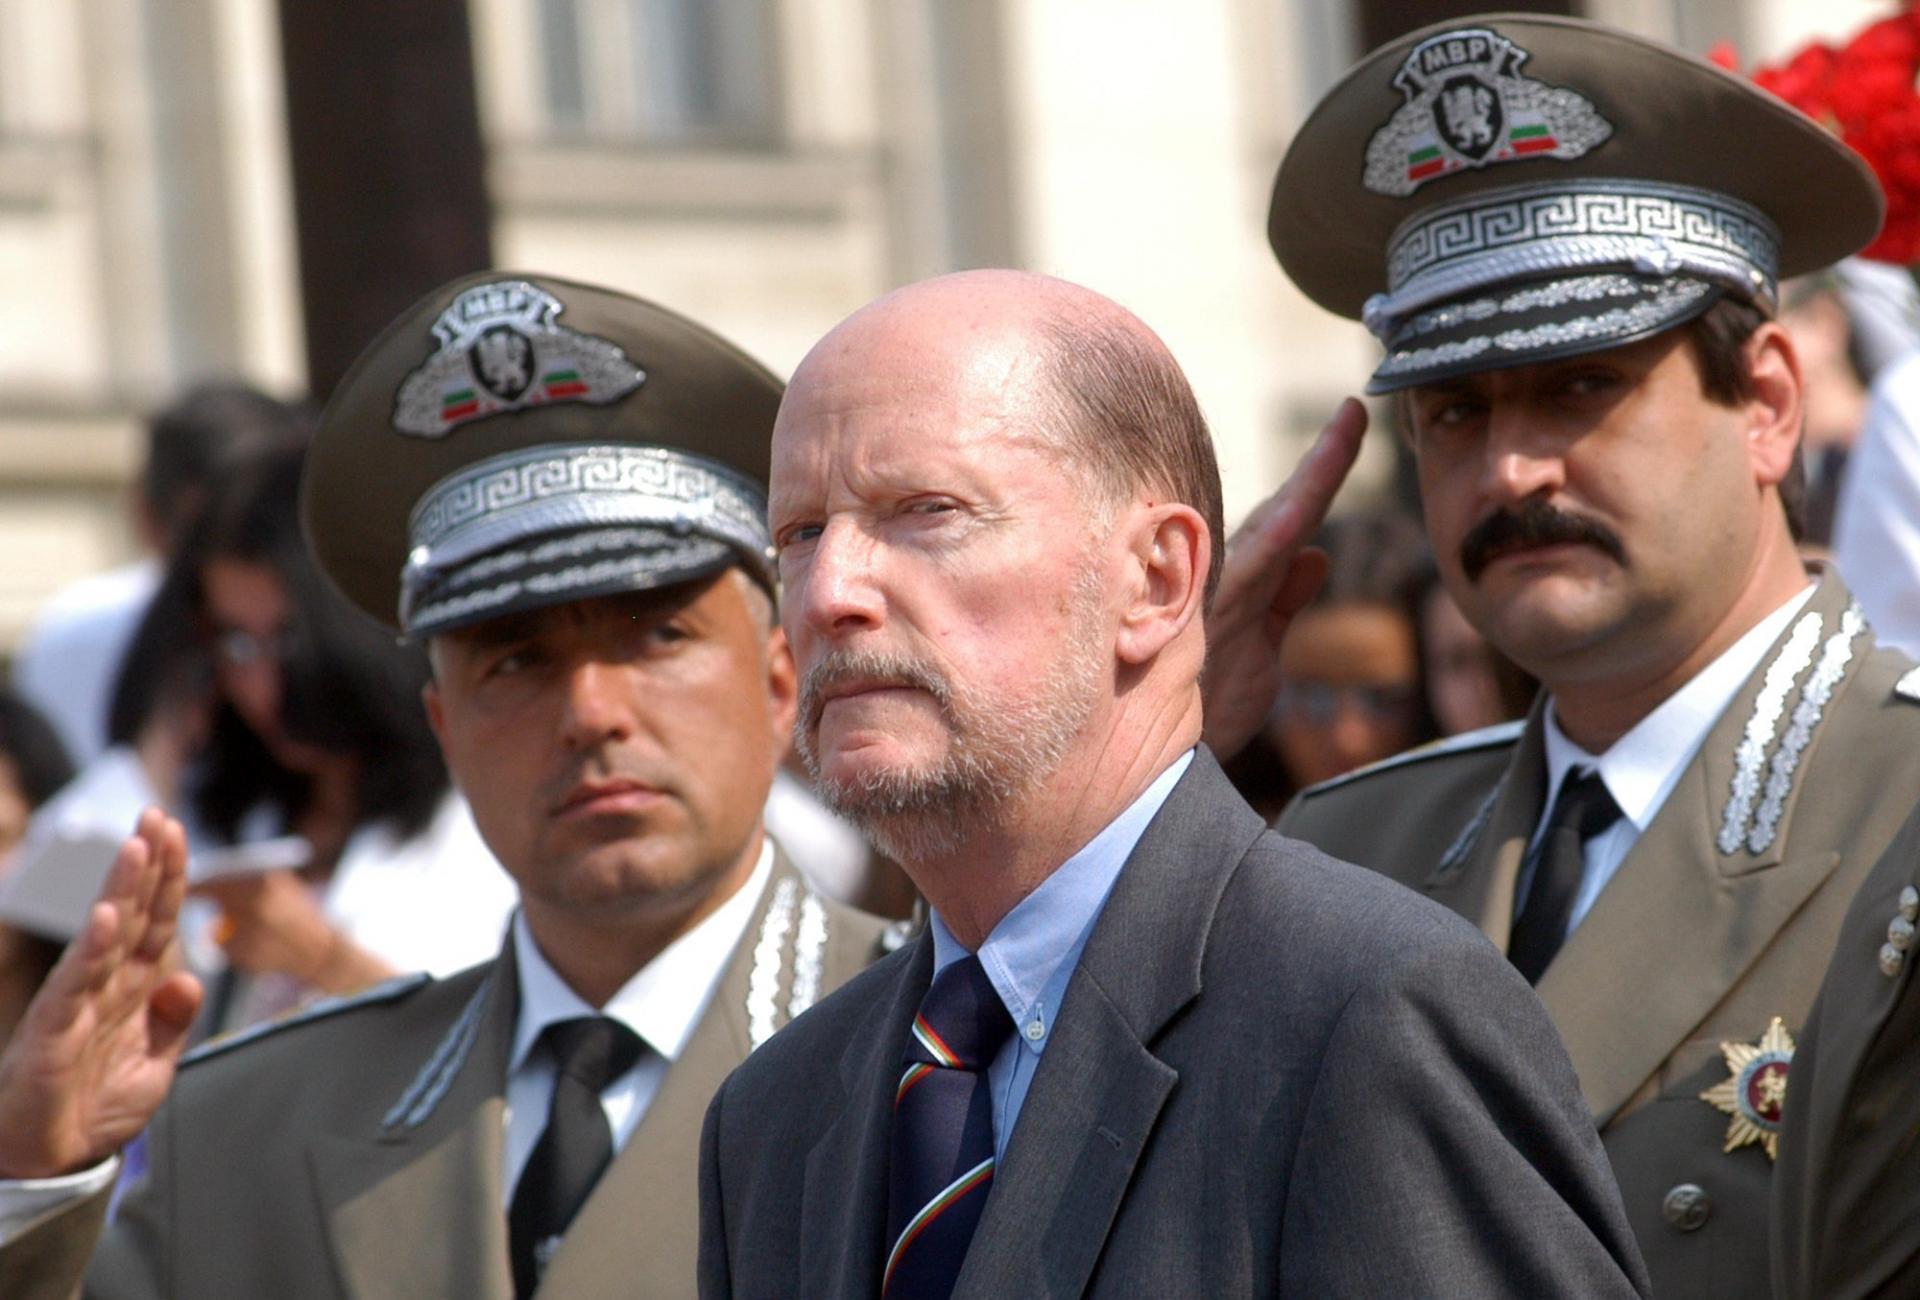 Les officiers saluent le souverain lors de la fete d independance